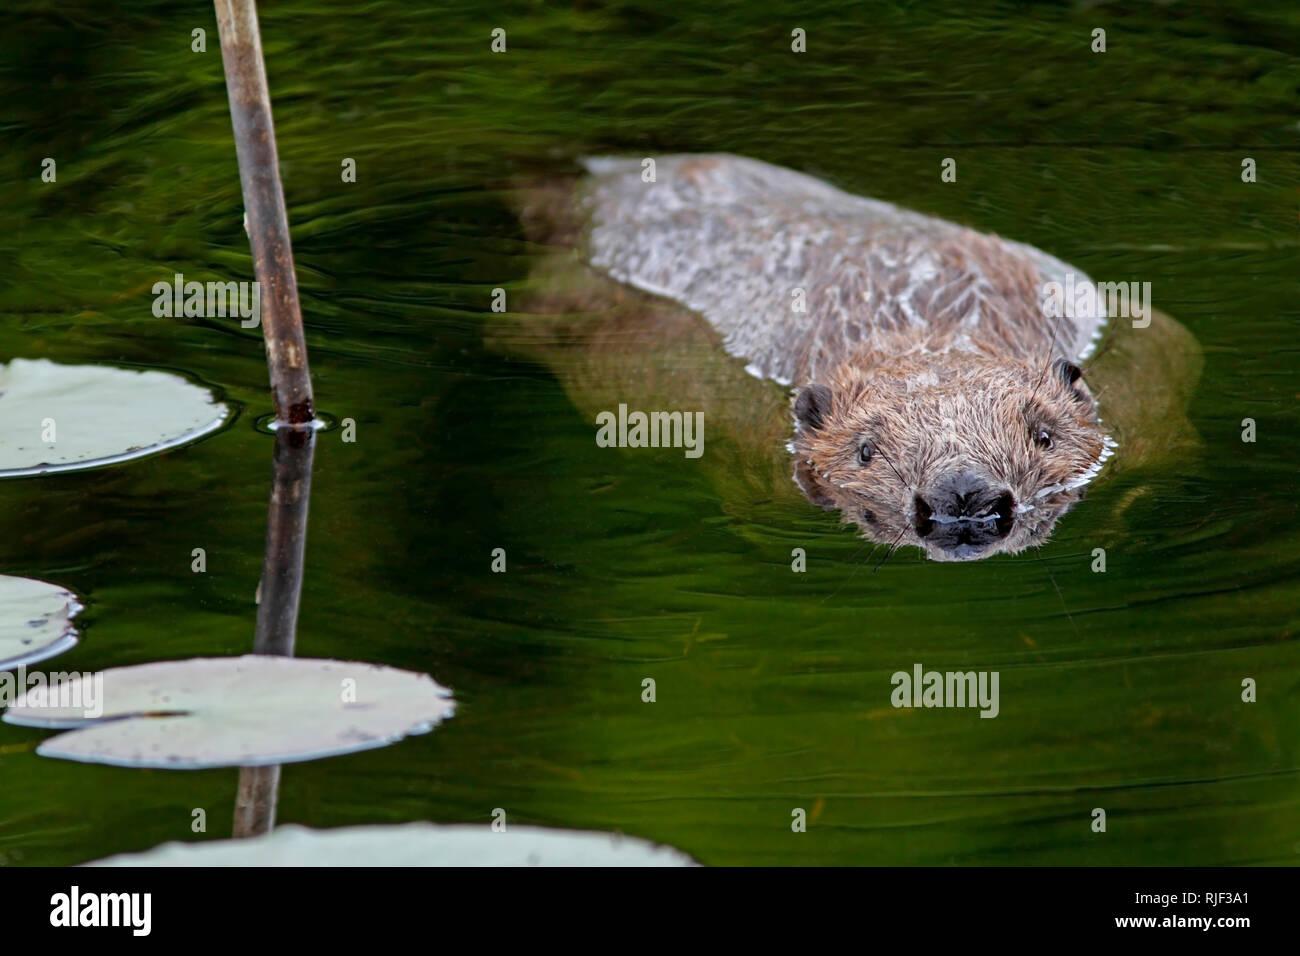 european-beaver-castor-fiber-swimming-knapdale-forest-argyll-scotland-RJF3A1.jpg